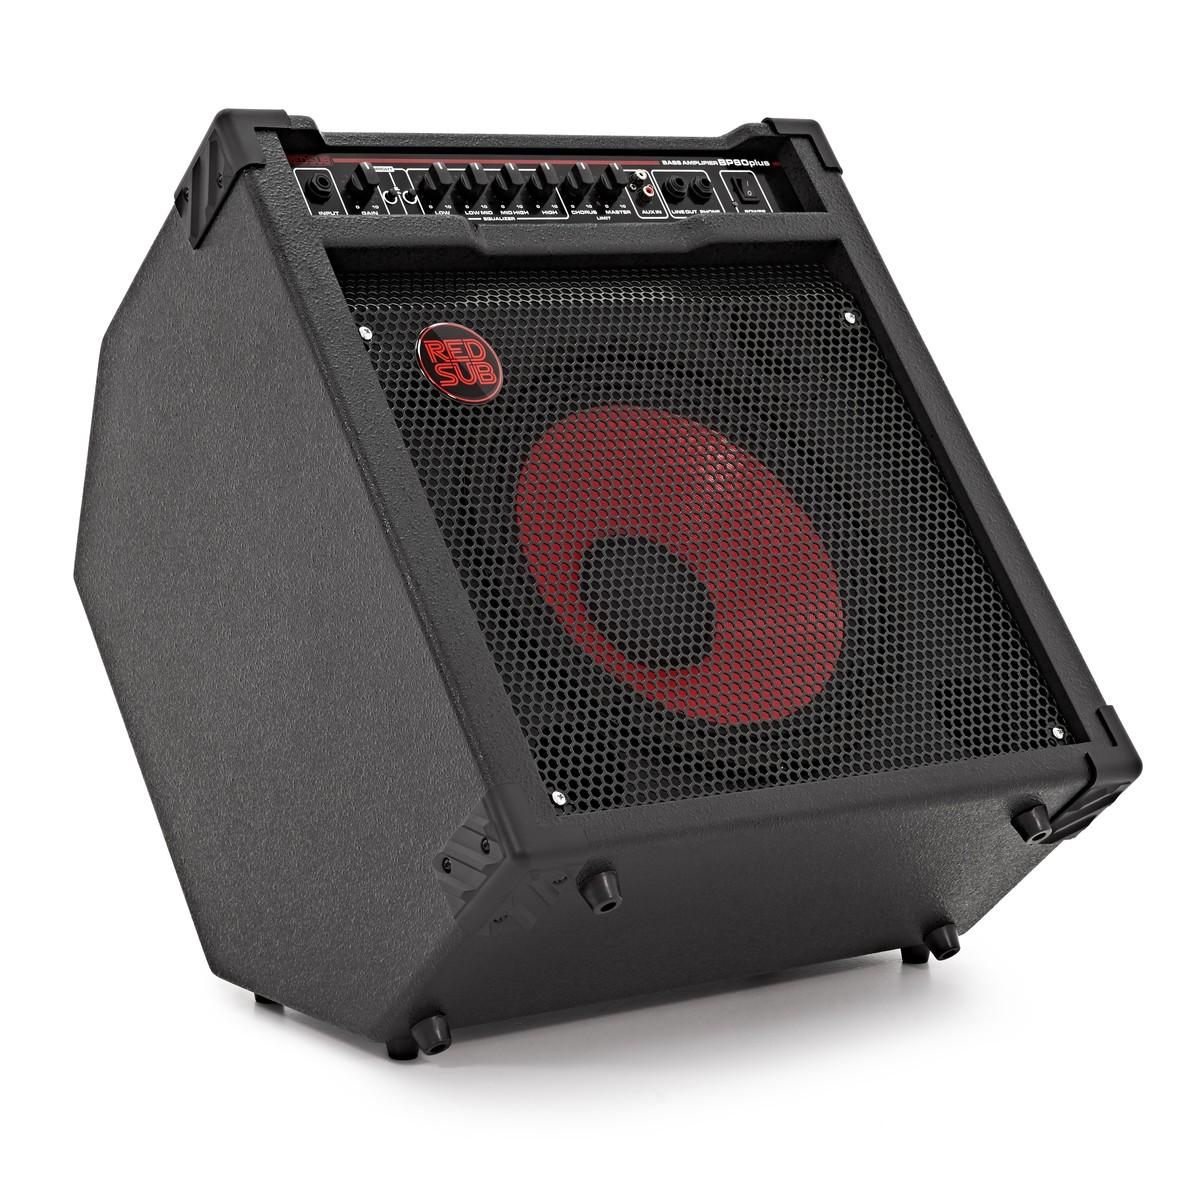 Bass Guitar To Amp : redsub bp80plus 80w bass guitar amplifier at gear4music ~ Hamham.info Haus und Dekorationen